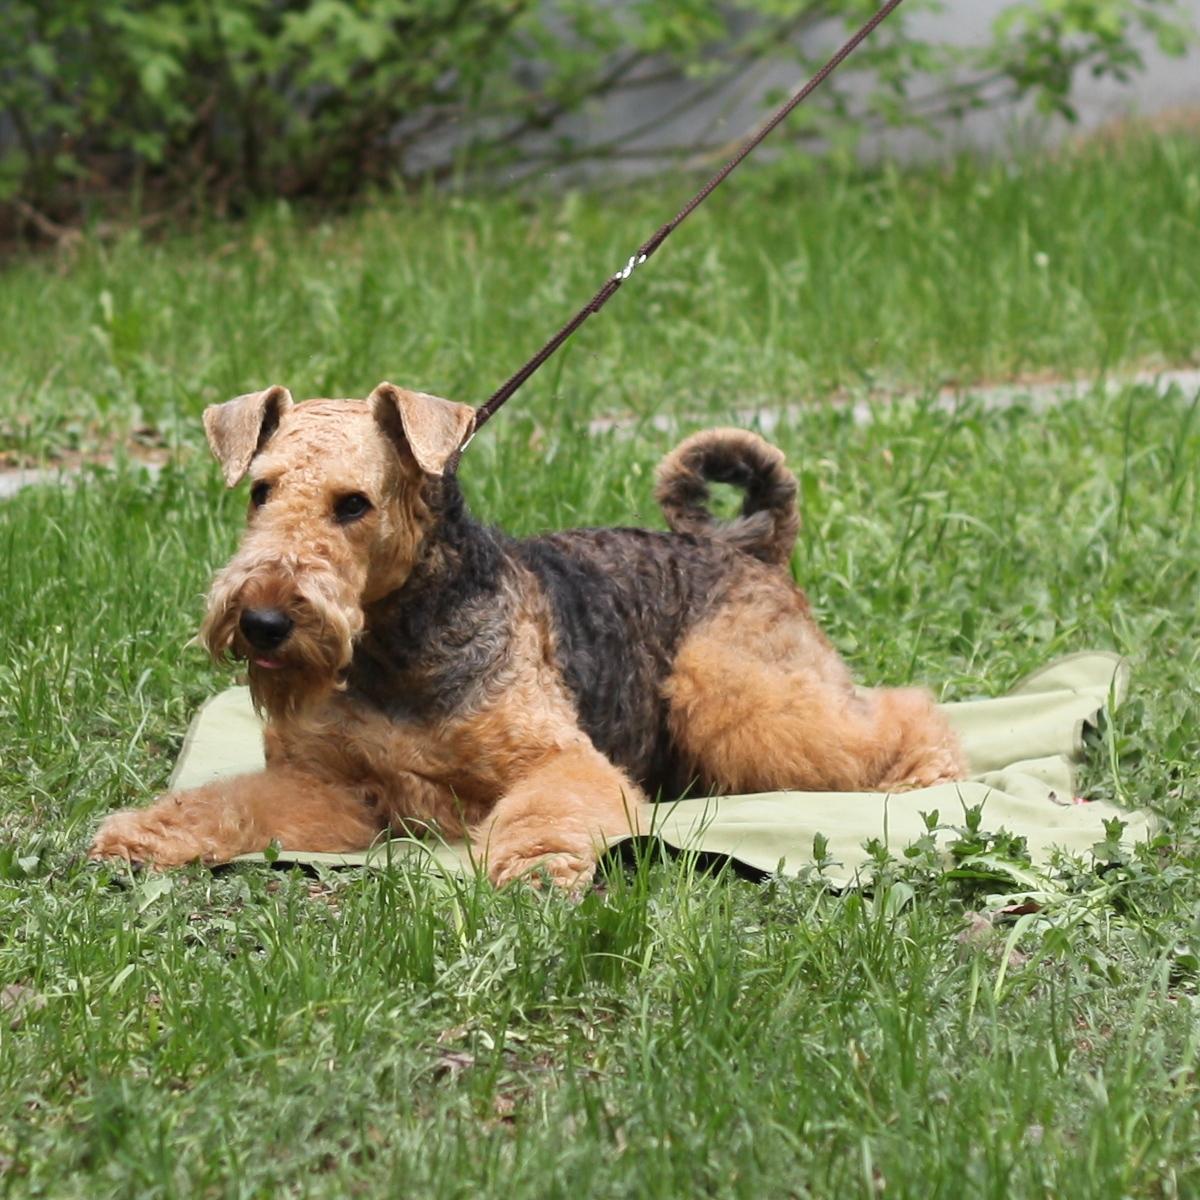 Коврик для собак Osso Fashion, охлаждающий, цвет: оливковый, 75 х 100 смО-1017Охлаждающий коврик Osso Fashion из ткани ССТ (COOL COMFORT TECHNOLOGY) помогает собакам легче переносить жару, делает более комфортным их пребывание в душной квартире, в транспорте и на выставках.Охлаждающий коврик можно постелить на пол или на лежанку, где собаке будет комфортно проводить время жарким летним днем. Также его можно использовать как покрывало, которое защитит от жары и вас, и вашего питомца. Охлаждающее изделие Osso Fashion сшиты из инновационной ткани ССТ (COOL COMFORT TECHNOLOGY), которая создает персональную зону охлаждения и обеспечивает комфортную терморегуляцию на длительное время. Охлаждение ткани обеспечивается за счет уникальной структуры переплетения волокон, создающих капиллярные сети повышенной плотности. Серебросодержащее волокно X-Static, входящее в состав ткани, придает ей антистатические и антимикробные свойства. Длительное использование и многократные стирки не влияют на охлаждающие свойства ткани. В отличие от охлаждающих тканей предыдущего поколения, эта ткань не имеет химической пропитки и не содержит охлаждающих гелей.При активации изделия (встряхивании) происходит максимальное охлаждение за счет испарения воды. Однако – из-за уникальной комбинации волокон и их взаимодействия между собой – испарение и потеря влаги происходит медленно, поскольку одновременно идет мощное впитывание паров и водоотведение.Чтобы активировать охлаждающее действие изделия его нужно намочить, отжать и встряхнуть. Подходит вода из любого источника: из-под крана, дождевая, речная, морская, влага от потоотделения - они реактивируют охлаждающую функцию снова и снова.Охлаждающая подстилка для собак Osso Fashion подходит для маленьких, больших и средних собак.Размер коврика: 75 х 100 см.